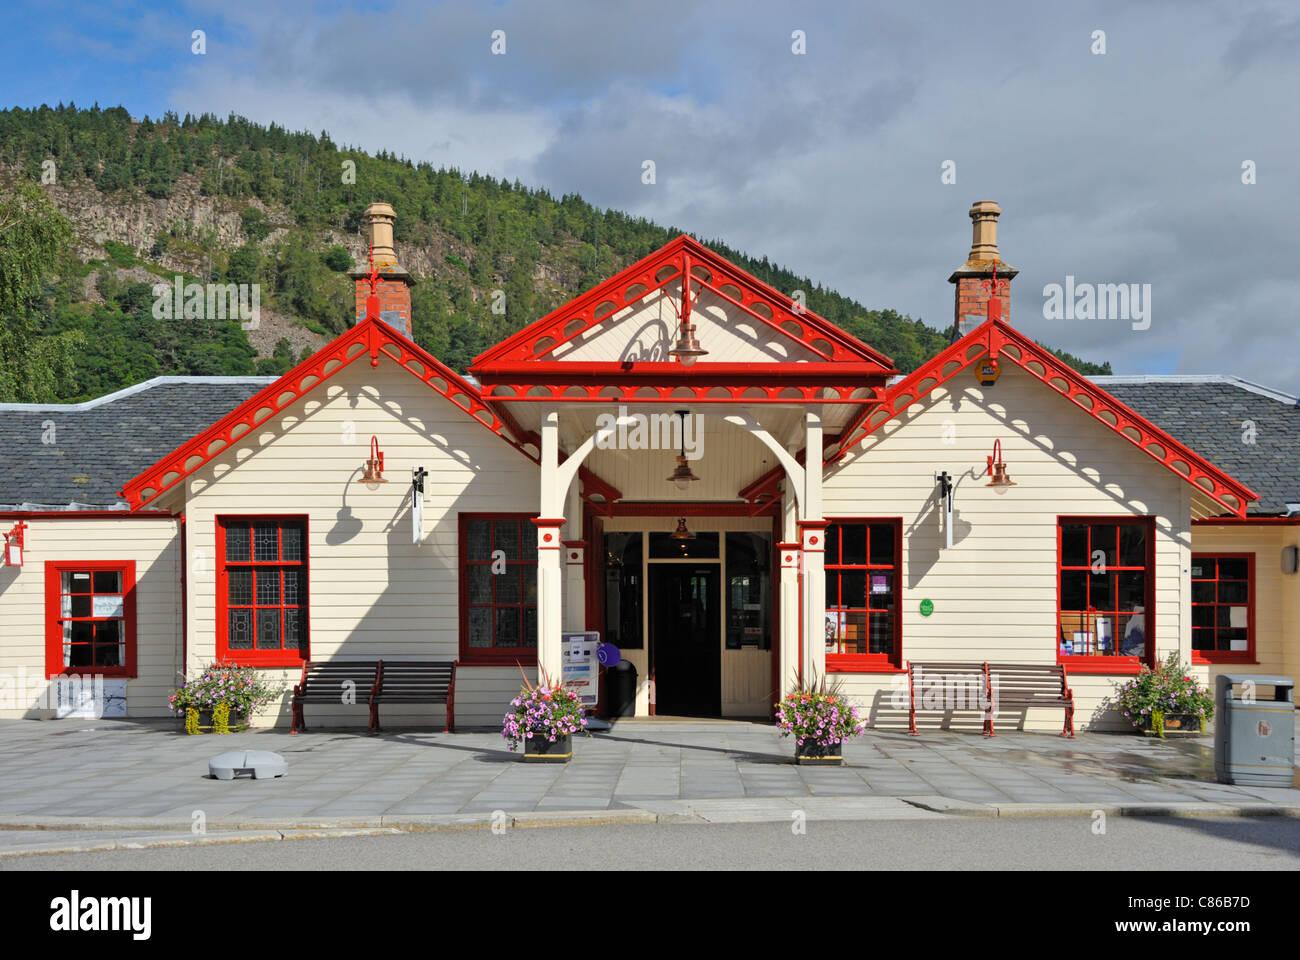 former-railway-station-ballater-royal-deeside-aberdeenshire-scotland-C86B7D.jpg